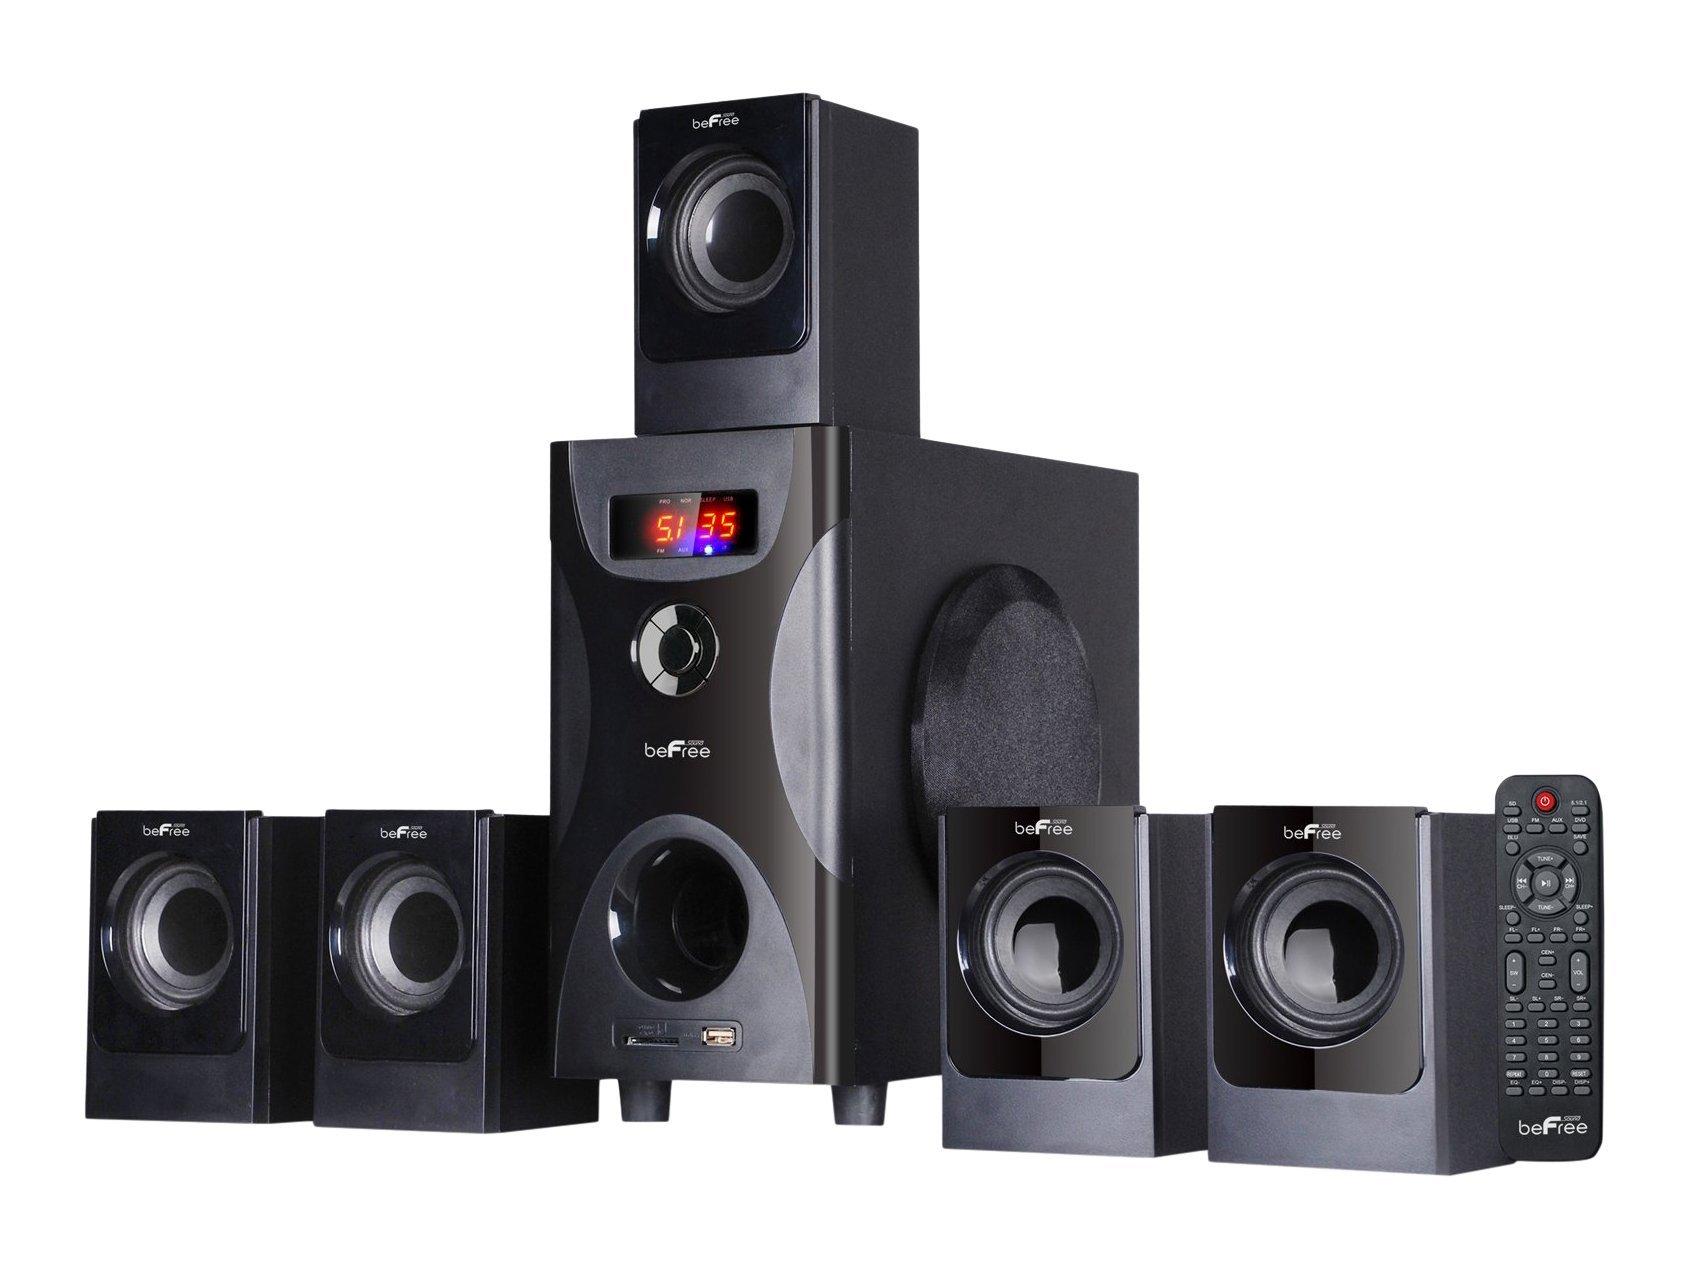 BEFREE SOUND BFS-425 Surround Sound Bluetooth Speaker System – Black